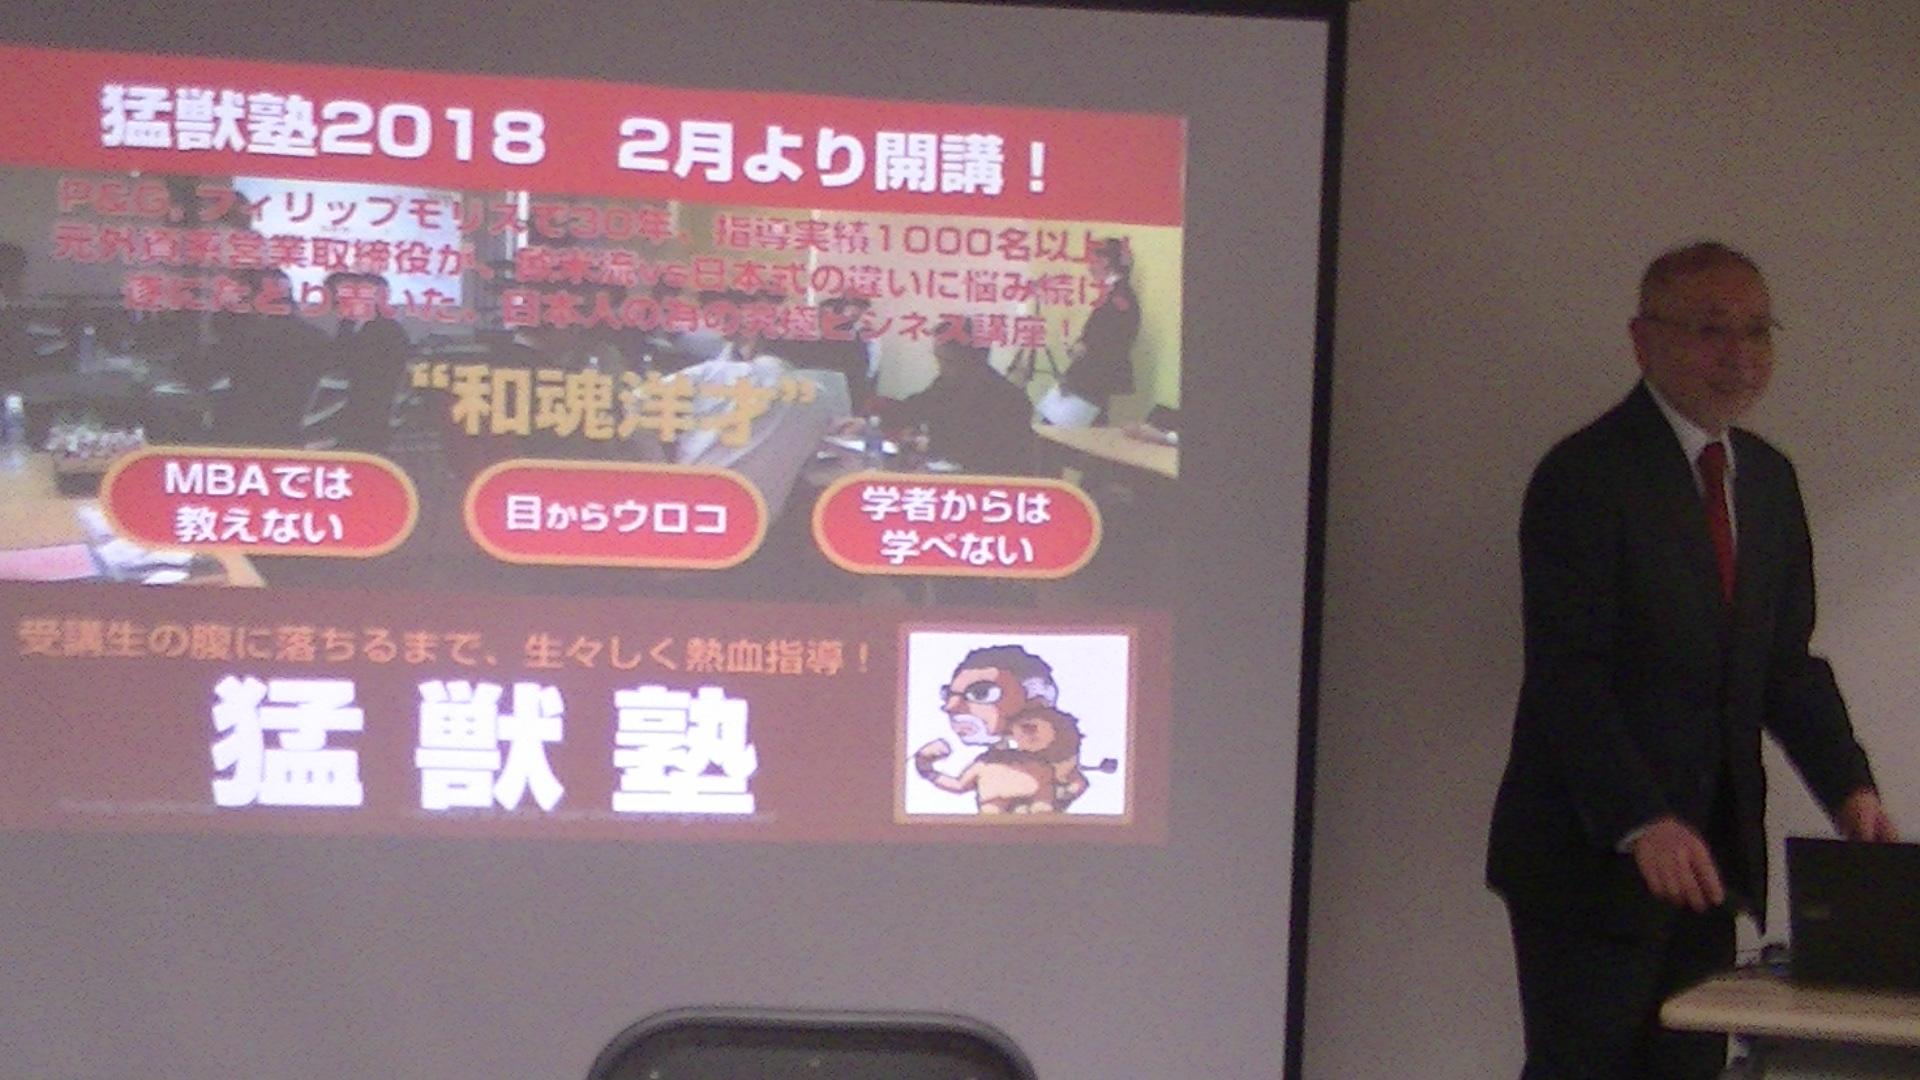 PIC 0102 - 猛獣塾全国活動中